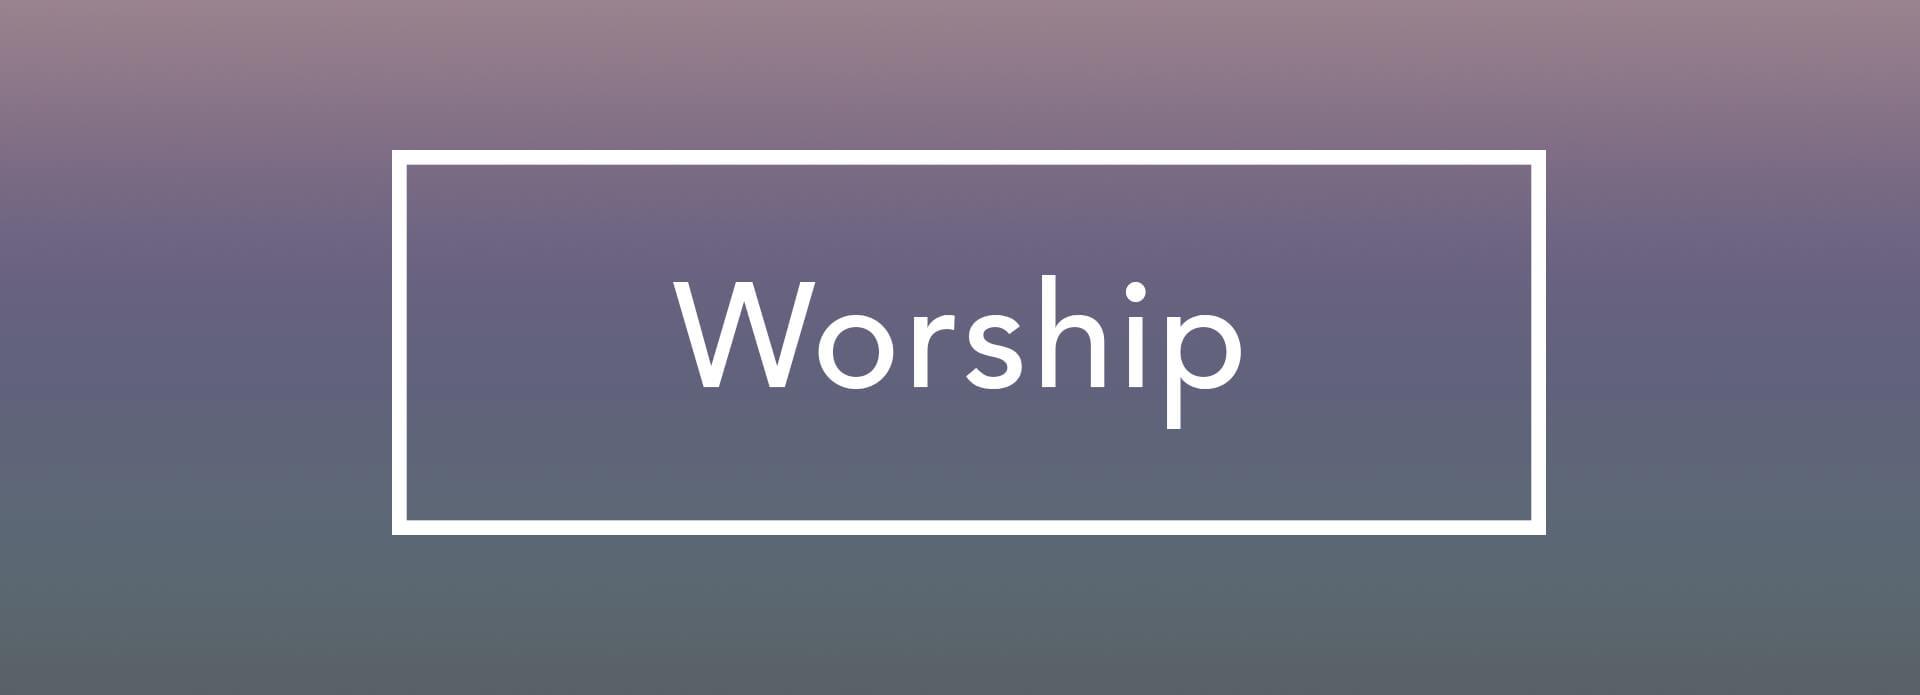 worshipheader